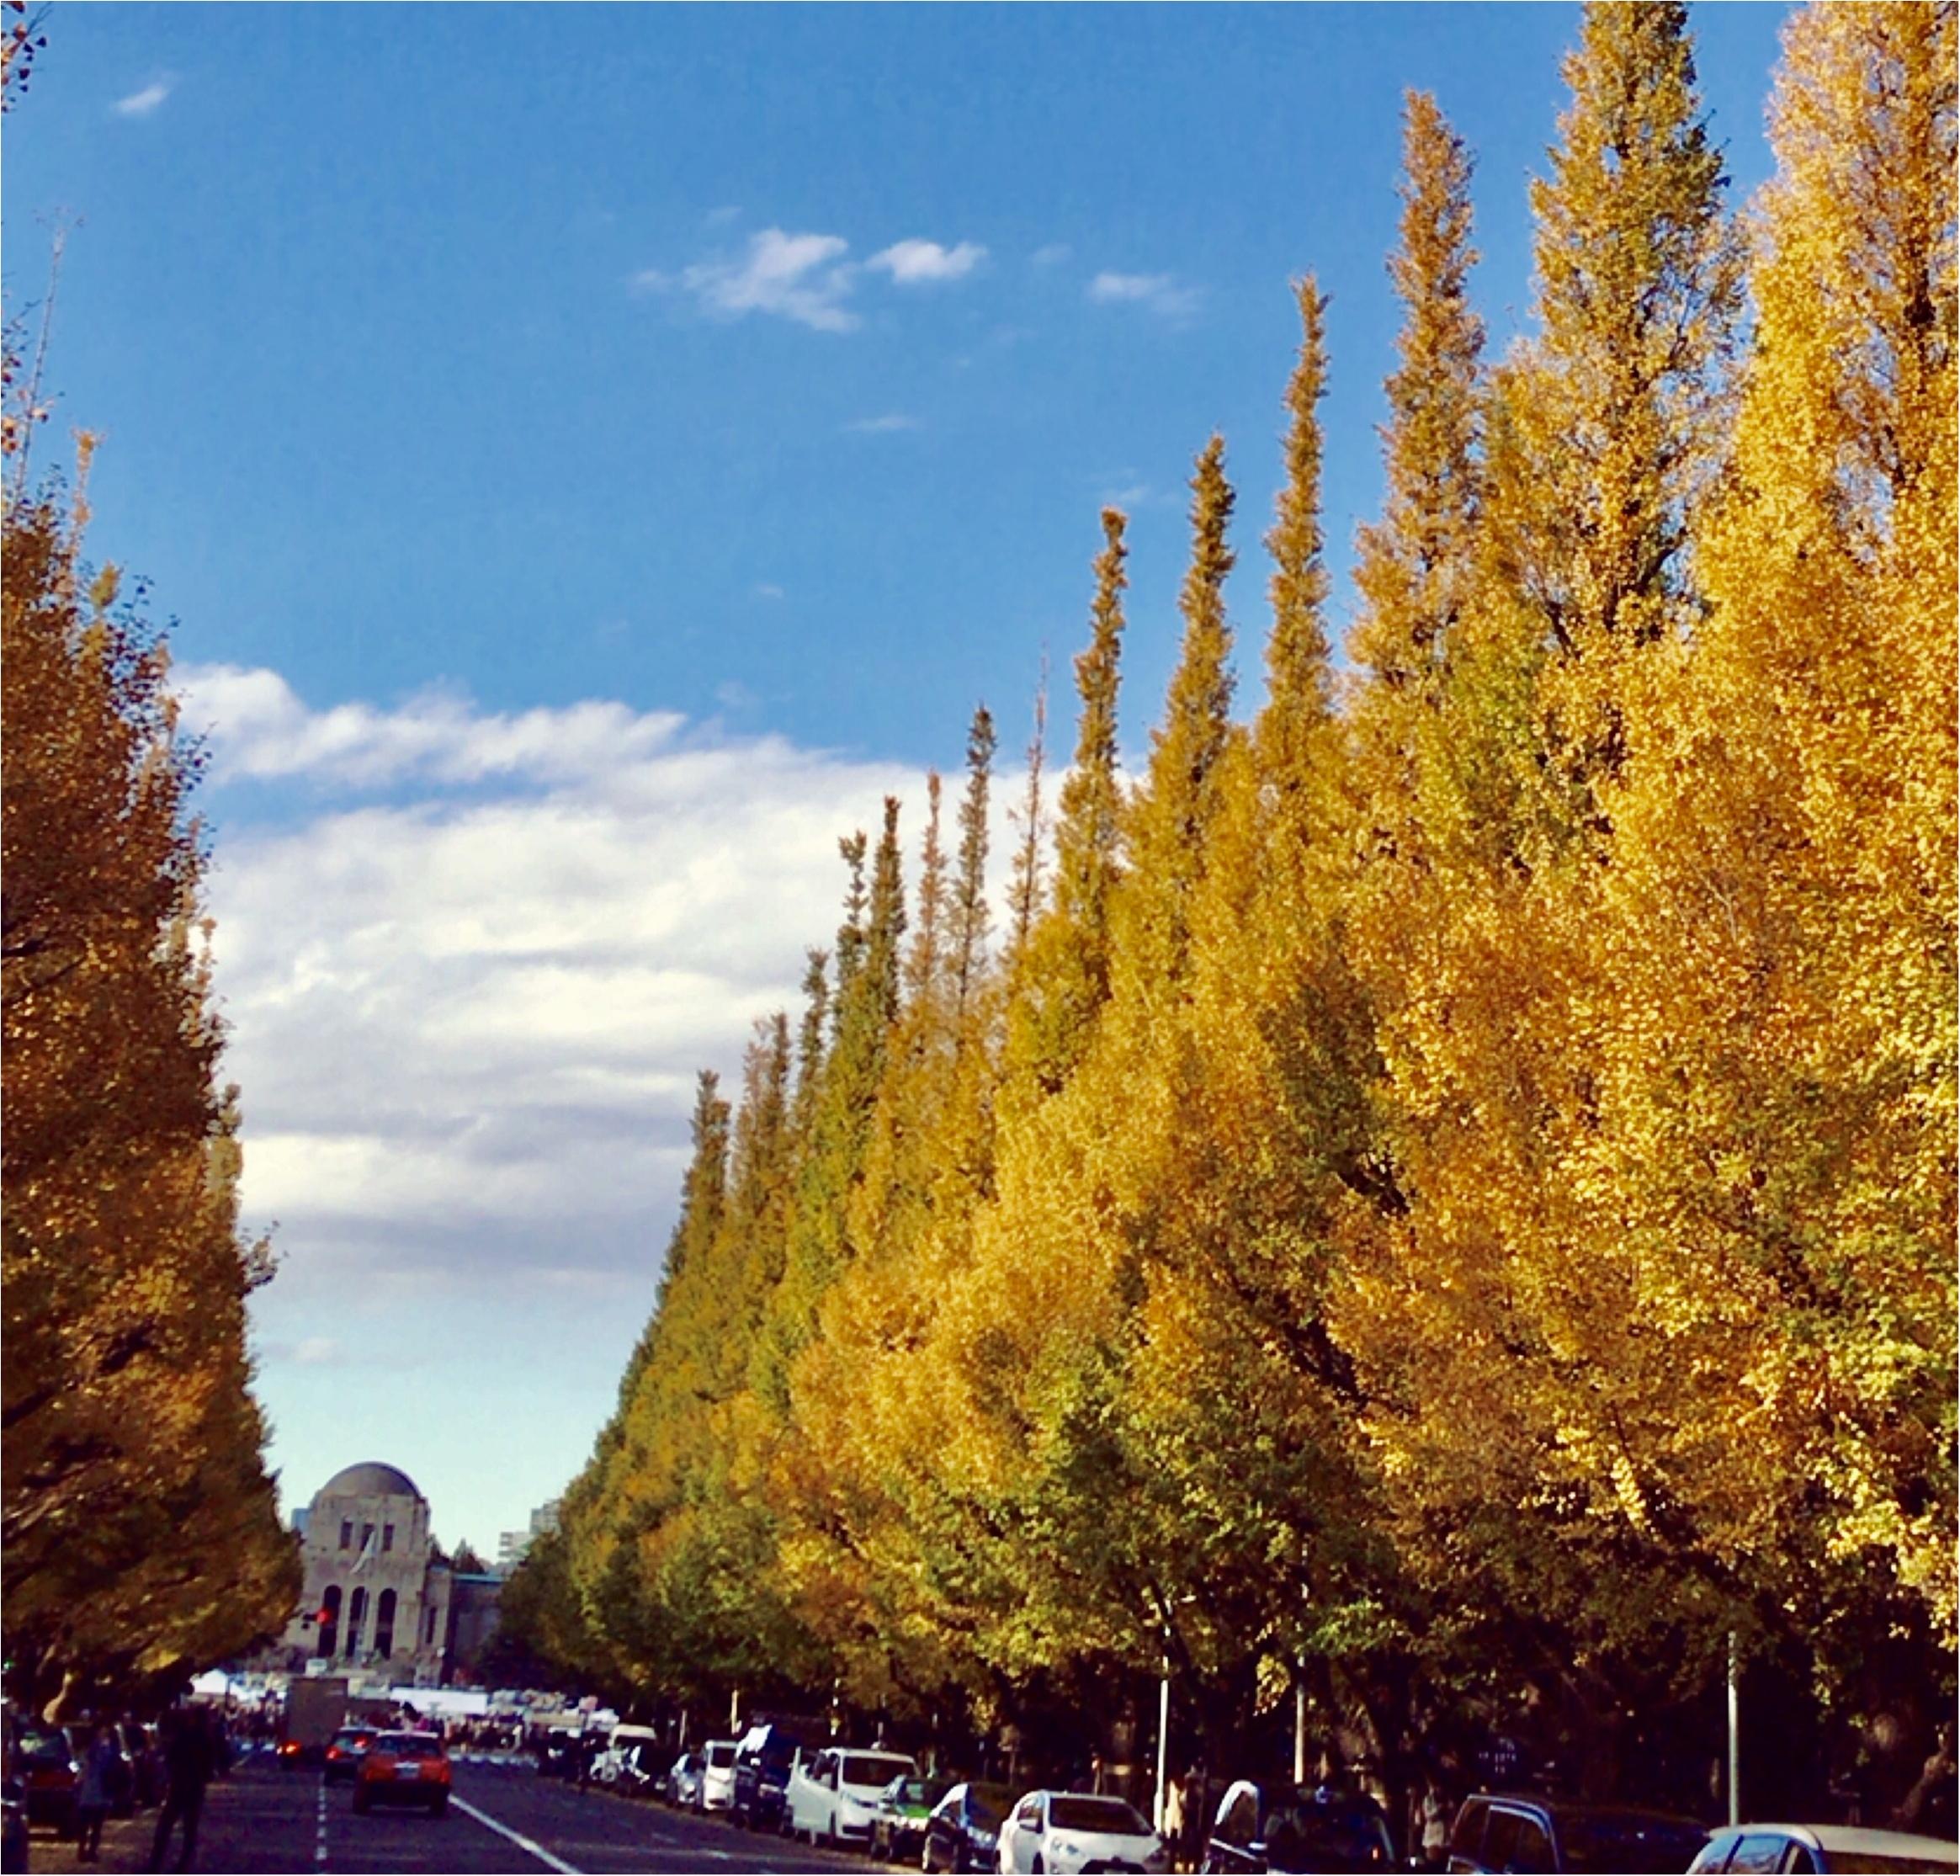 【フォトジェニックスポット】今日からいちょう祭り!神宮外苑いちょう並木が色づき始めました!今年の見頃は11月〇〇~!!_1